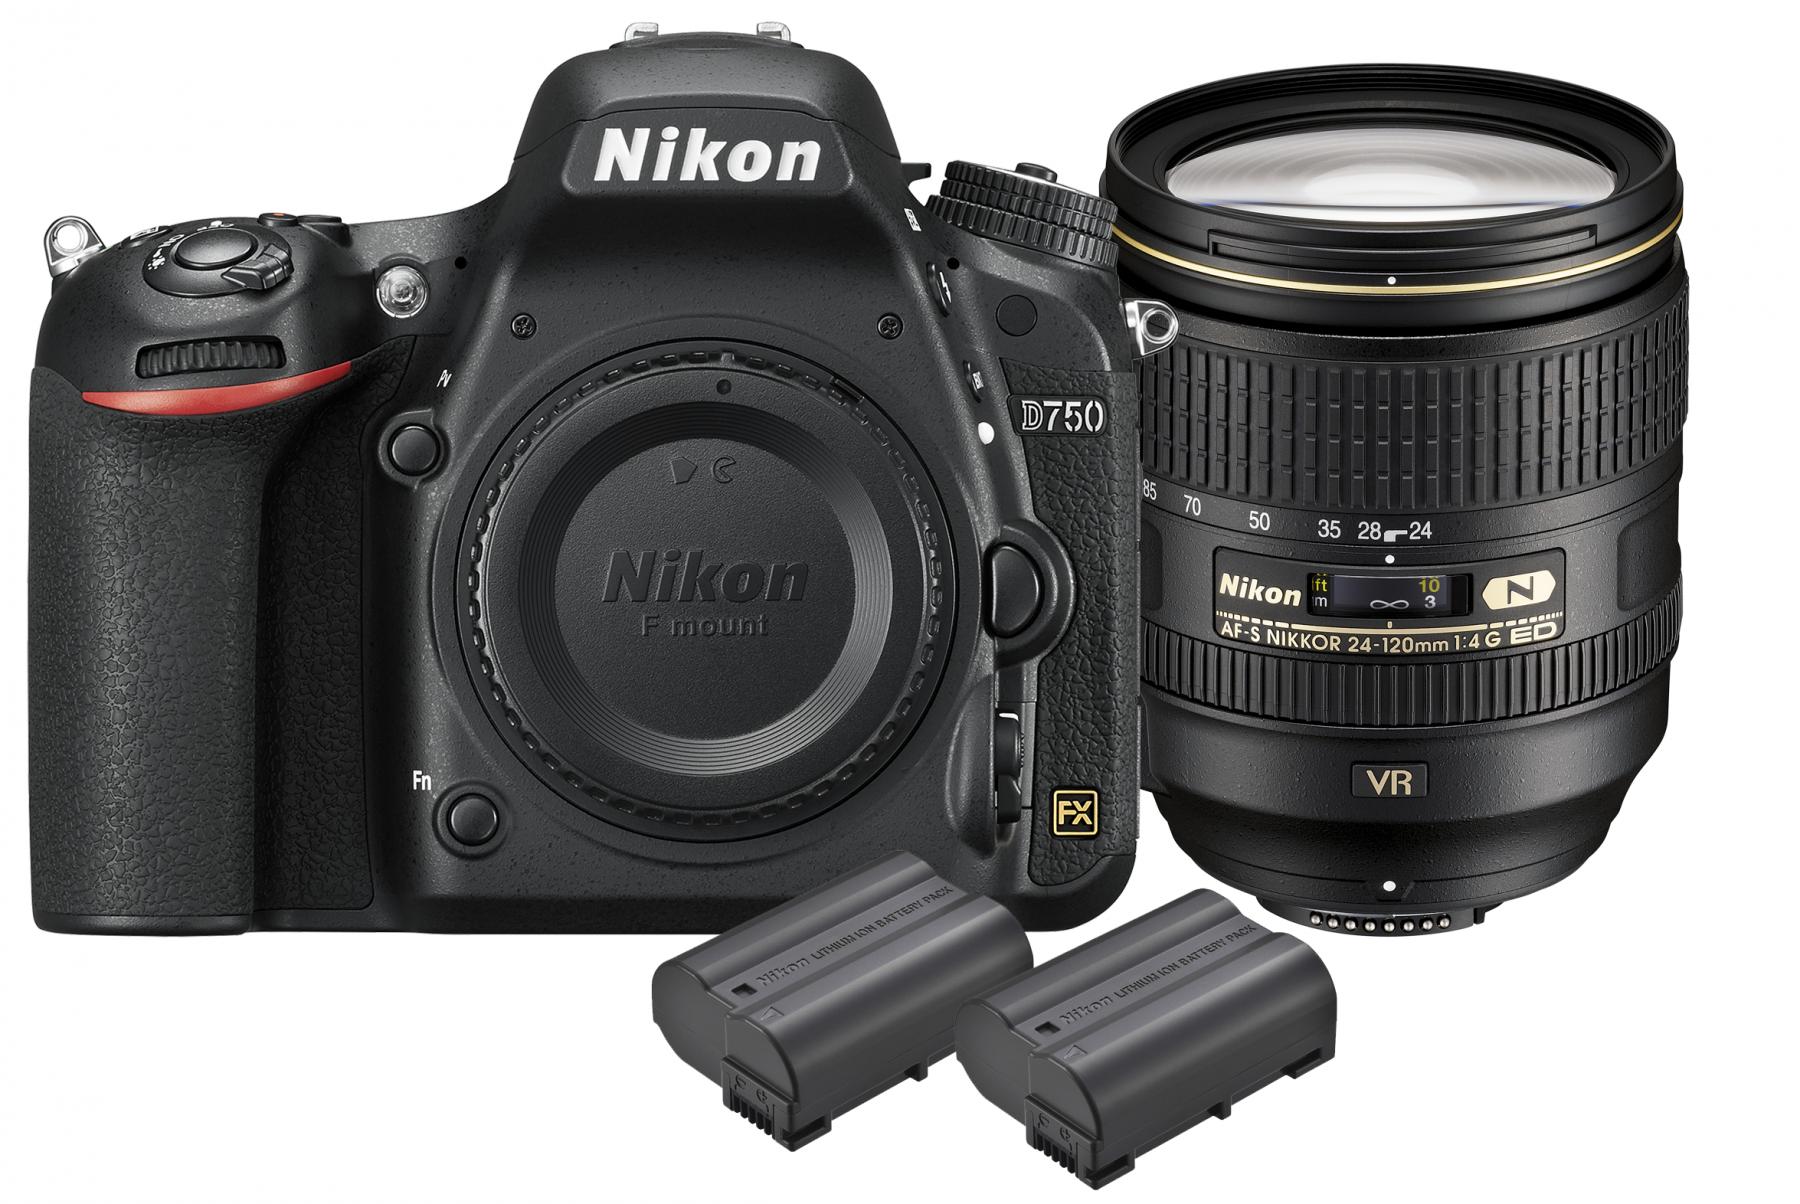 Nikon D750 DSLR Camera with 24-120mm Lens Kit